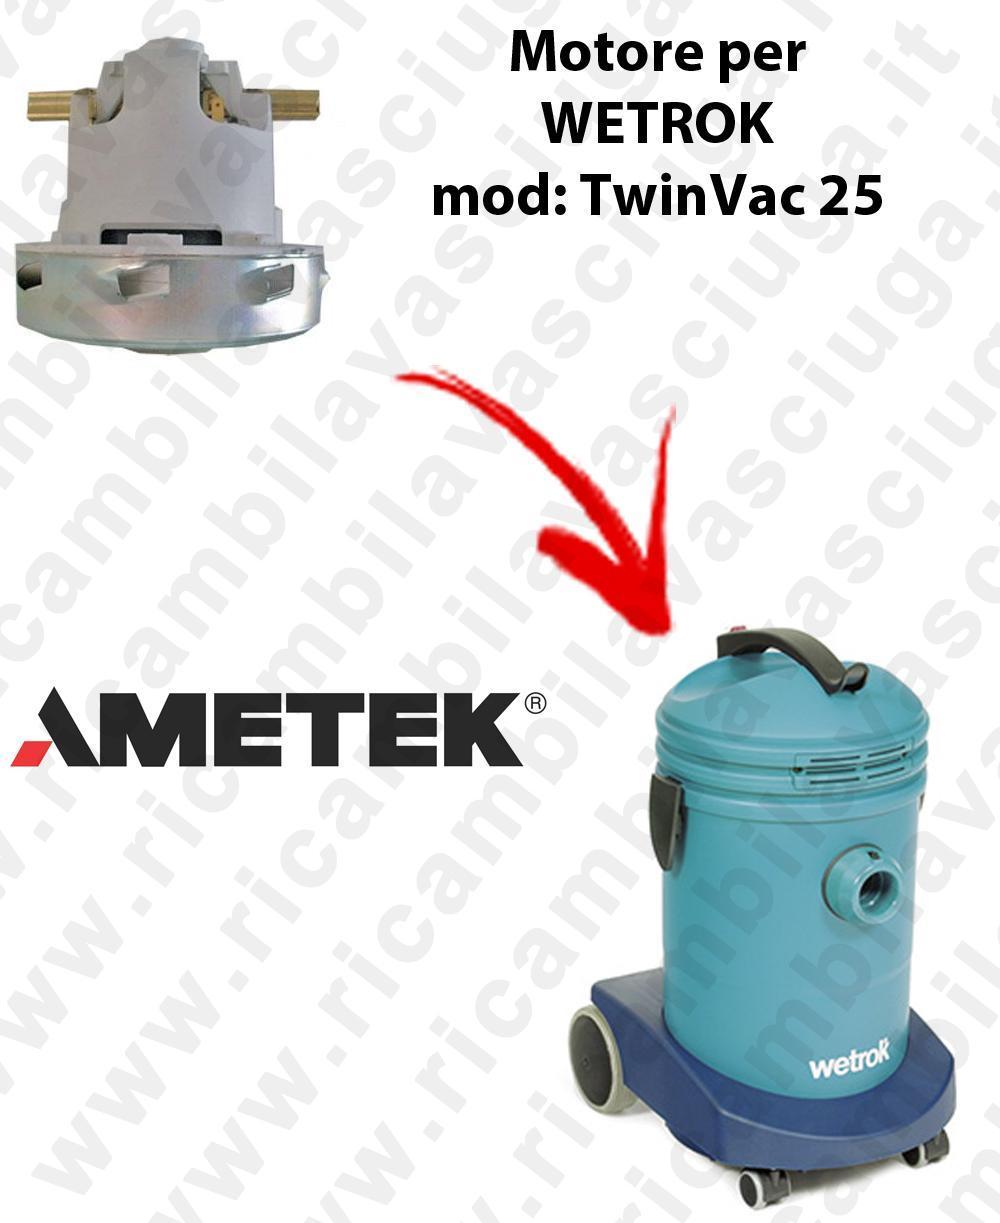 TWINVAC 25 Saugmotor AMETEK für Staubsauger WETROK